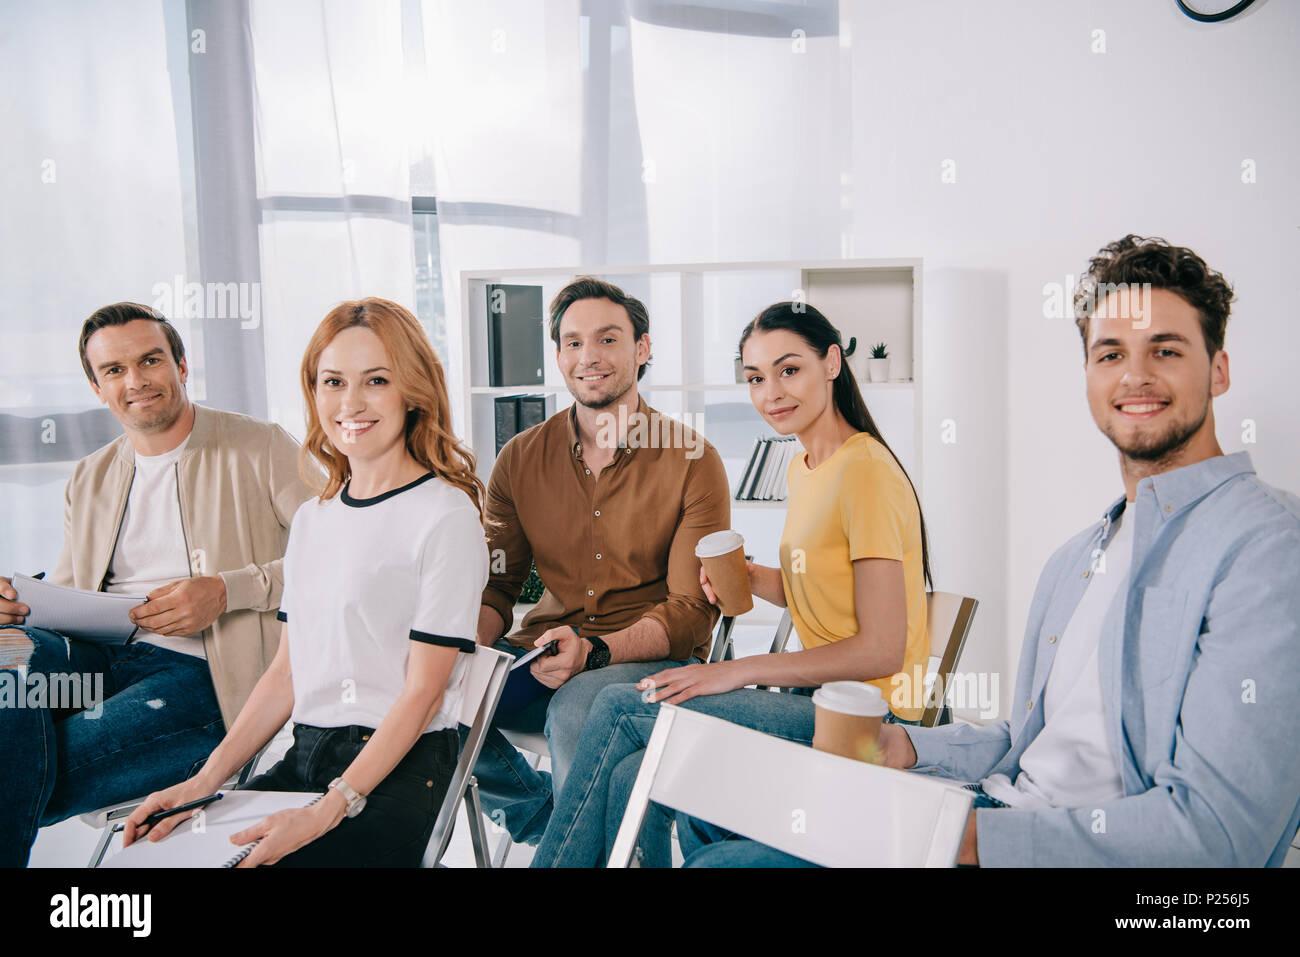 Lächelnd in Freizeitkleidung in Business Training im Büro Stockbild